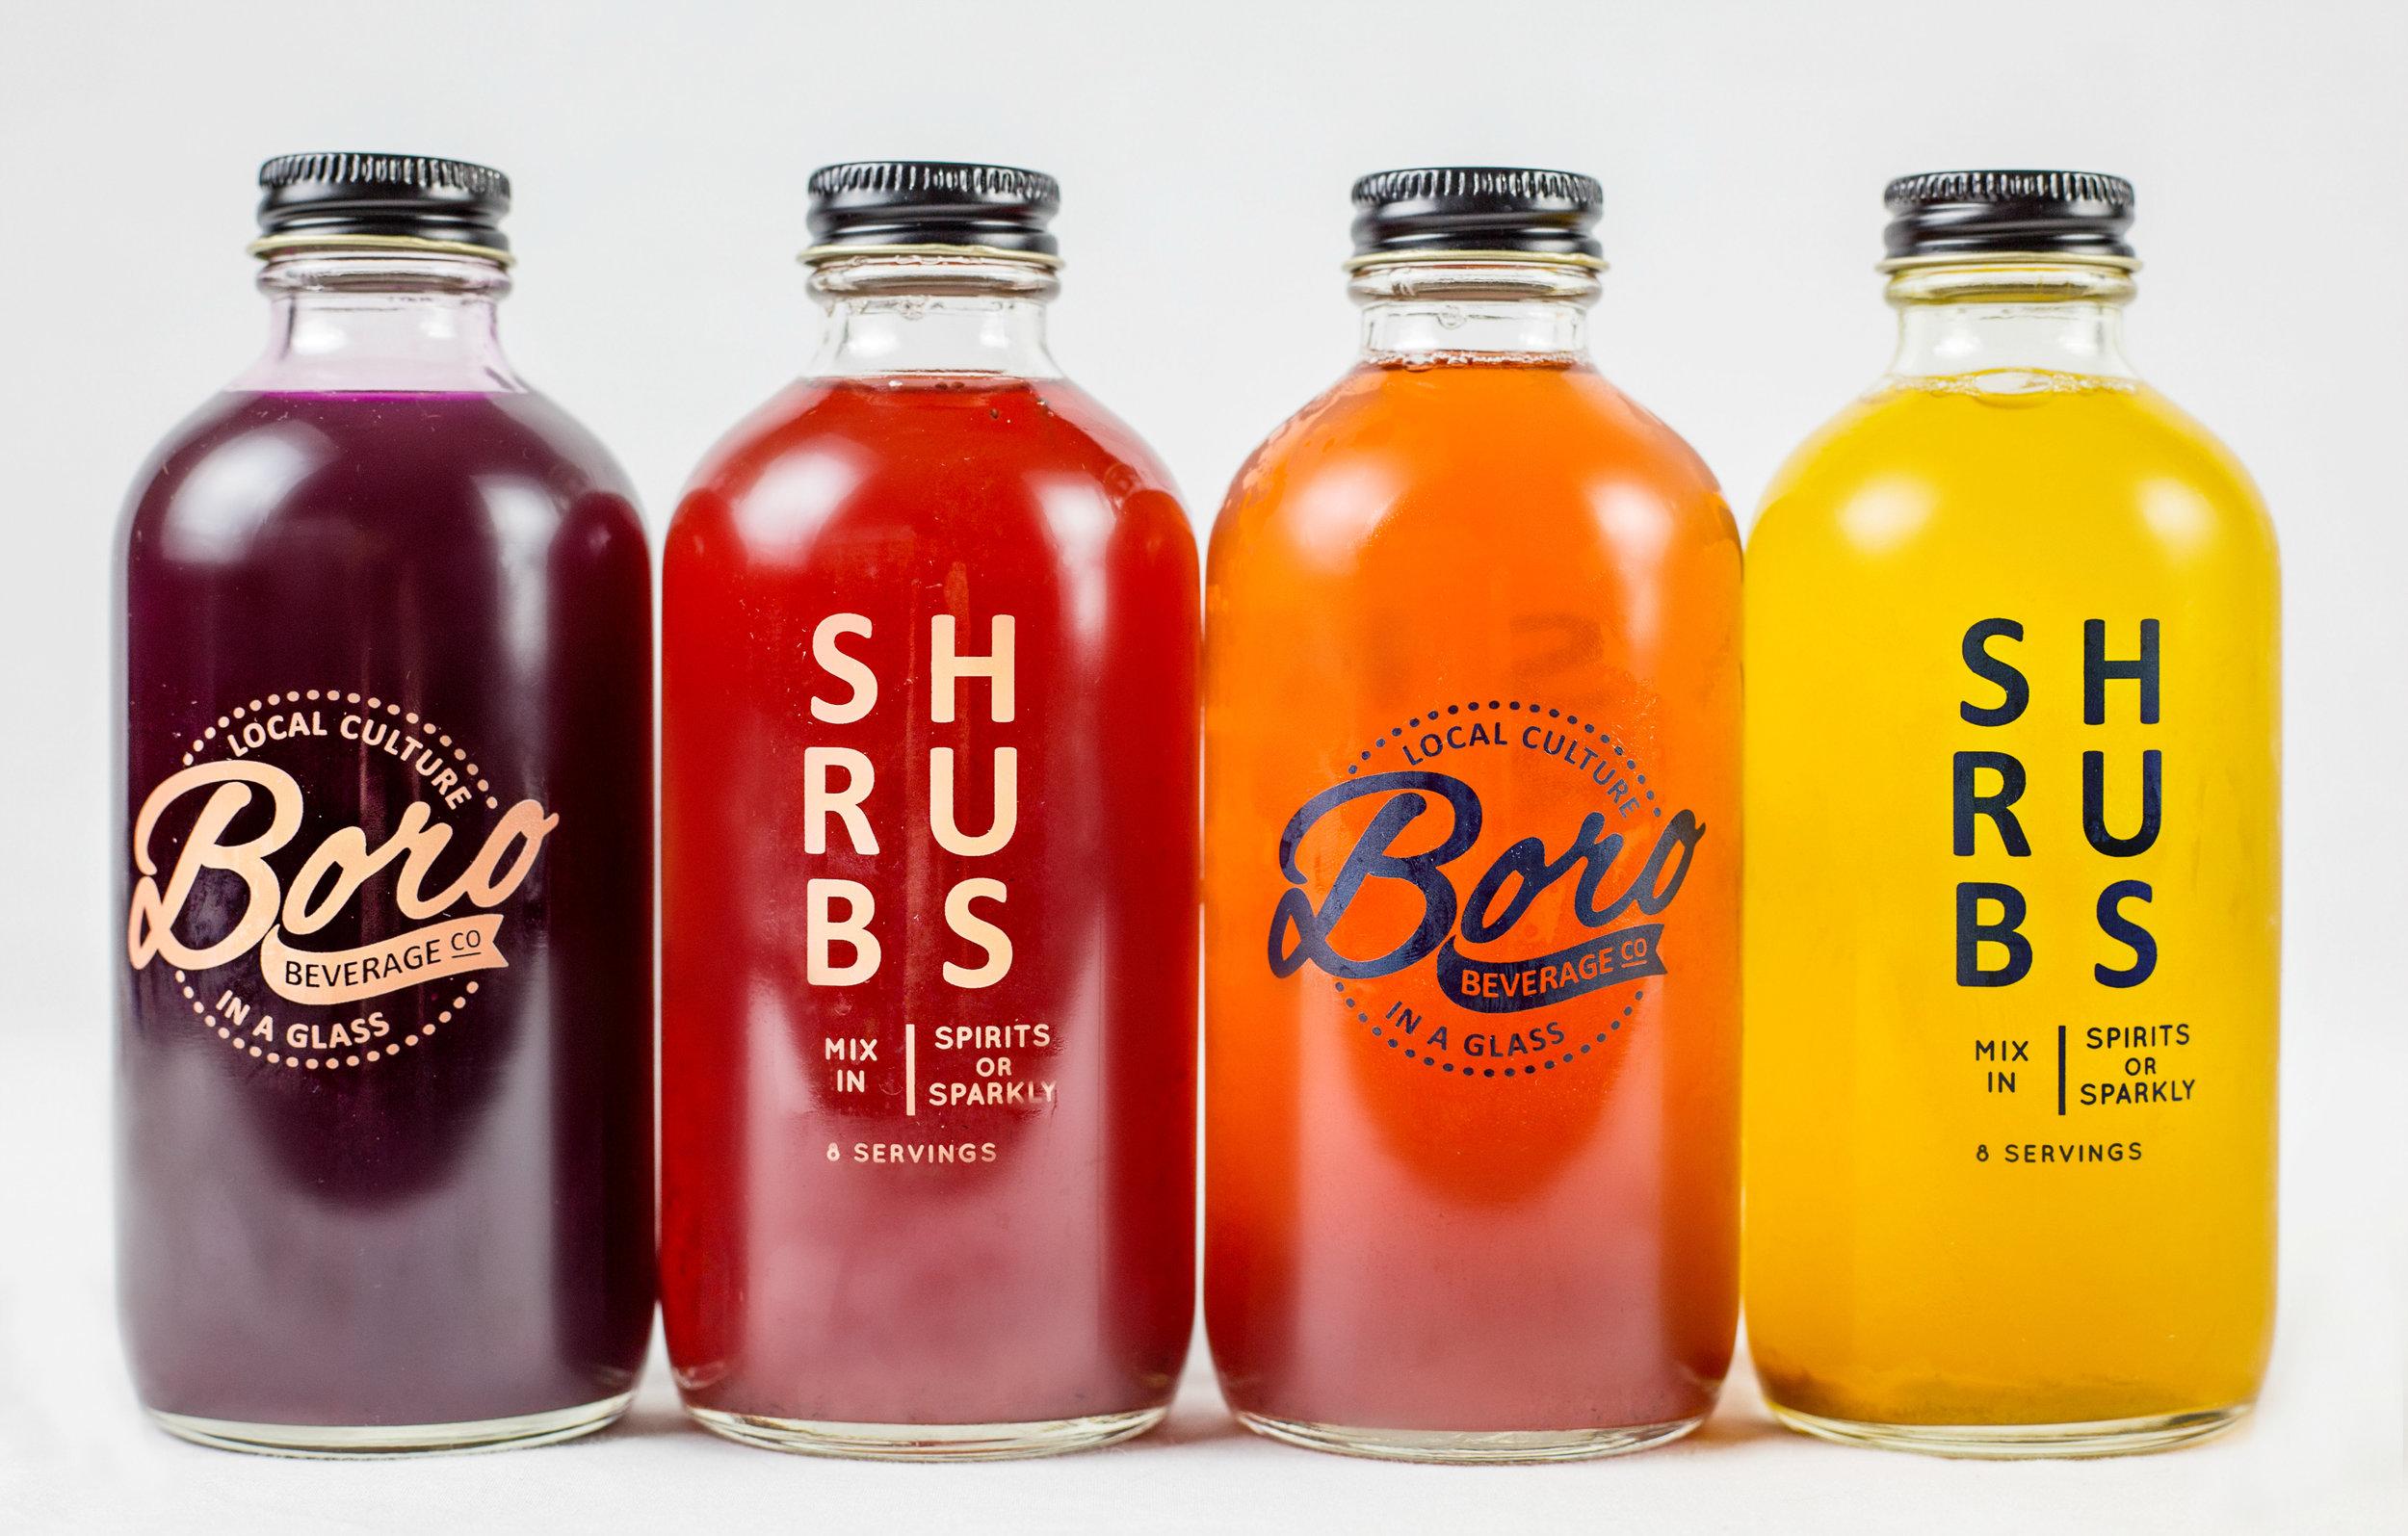 Shrub_Bottle_Variety-4.jpg